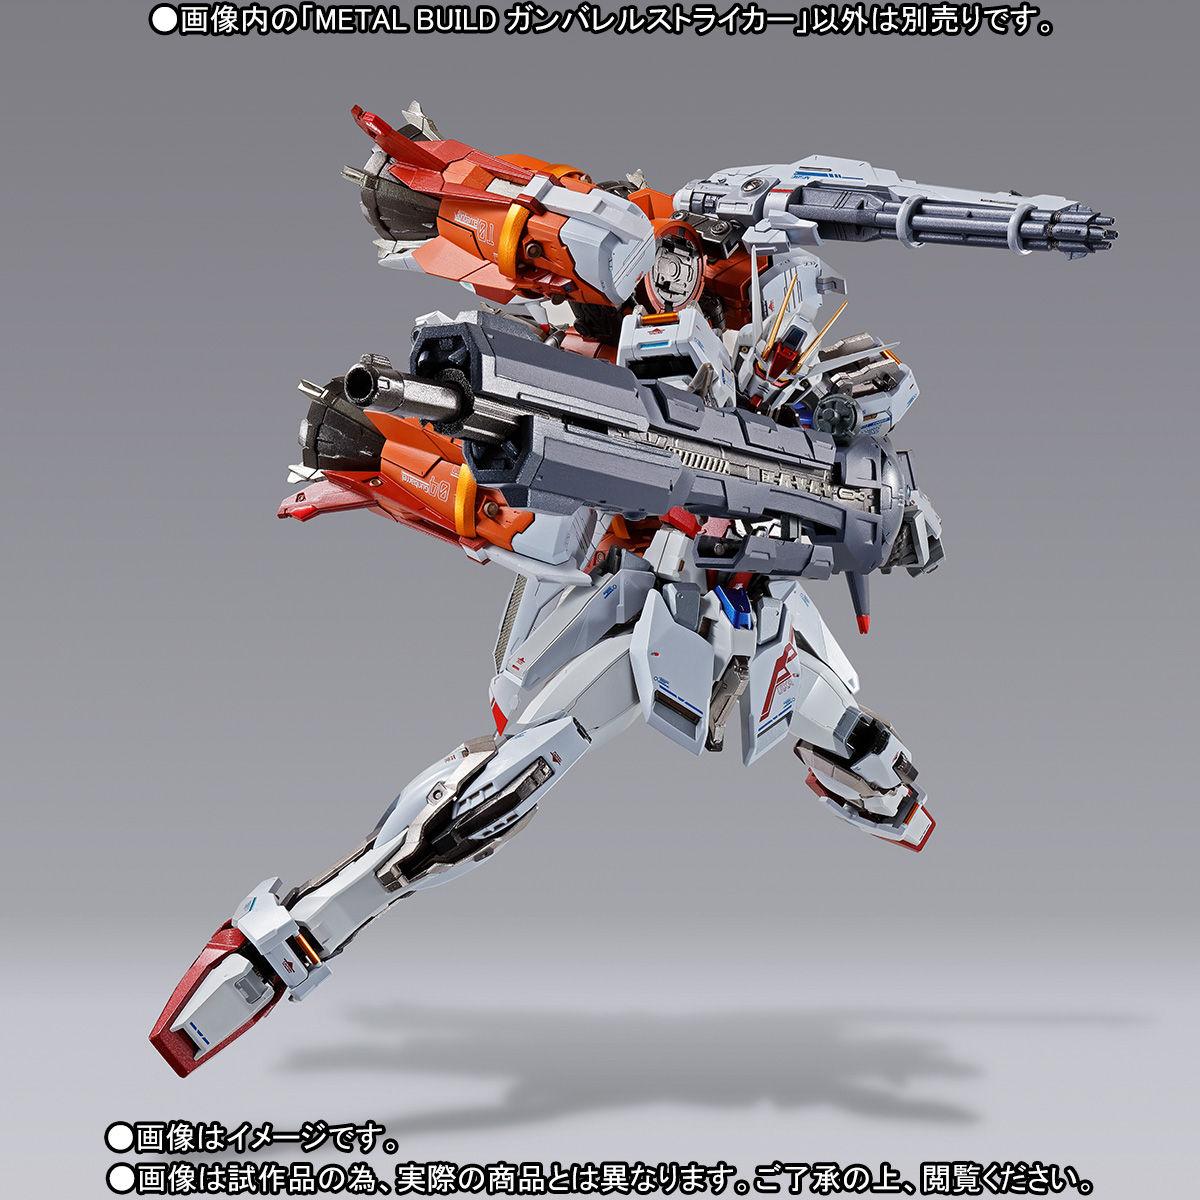 METAL BUILD『ガンバレルストライカー 機動戦士ガンダムSEED MSV』可動フィギュア-002